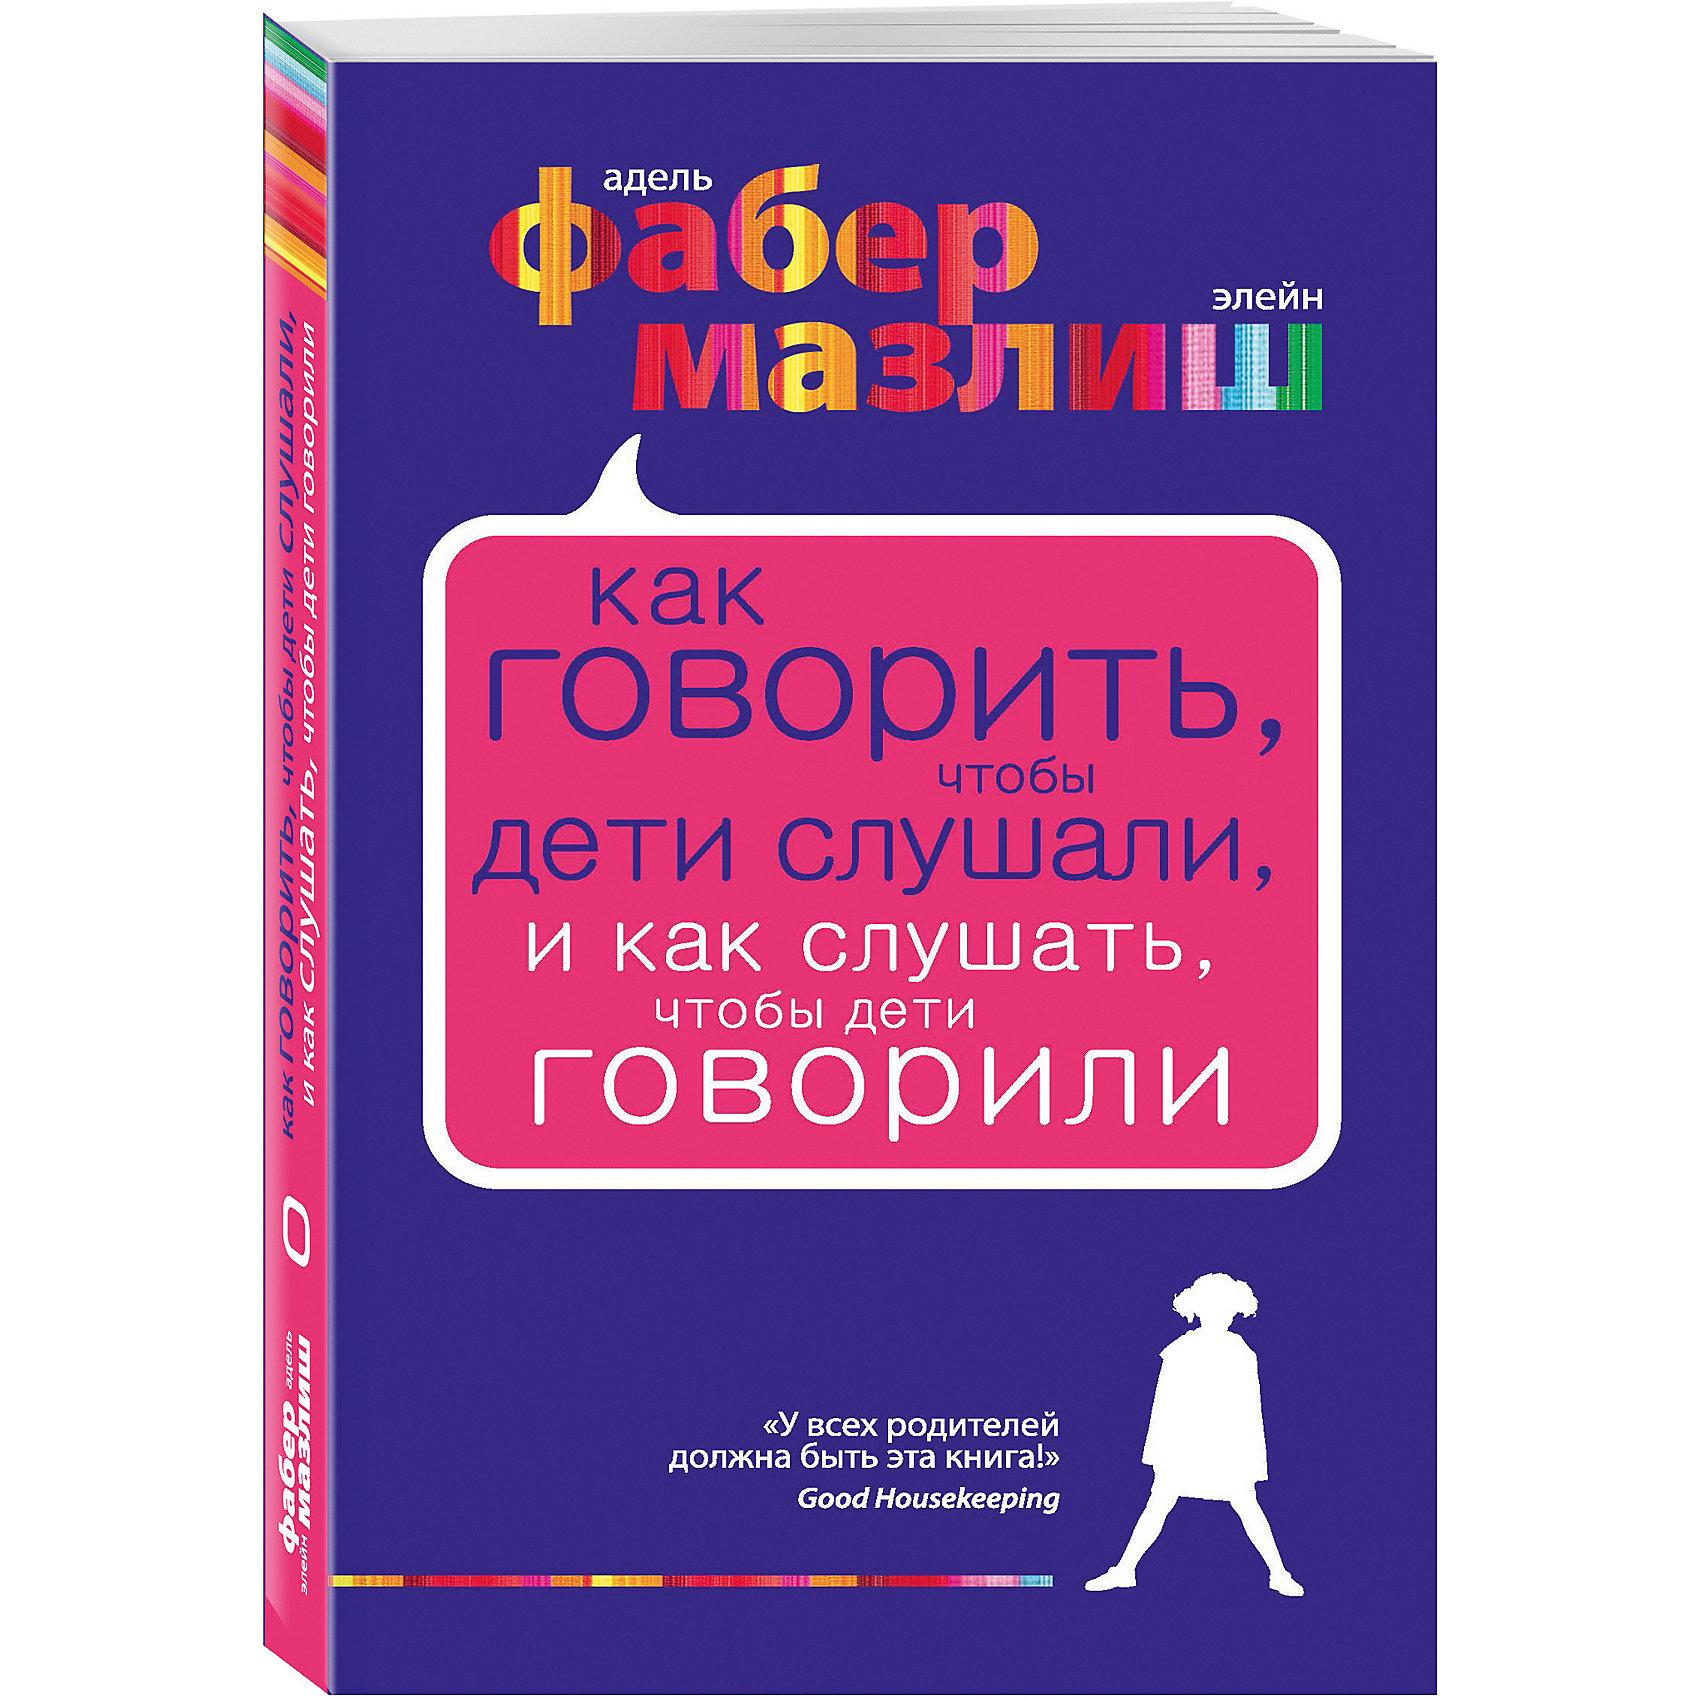 Как говорить, чтобы дети слушали, и как слушать, чтобы дети говорили, Фабер МазлишСоветчики для мам<br>Книга Как говорить, чтобы дети слушали, и как слушать, чтобы дети говорили, ЭКСМО – разумное, понятное, хорошо и с юмором написанное руководство о том, как правильно общаться с детьми (от дошкольников до подростков). <br><br>Авторы - всемирно известные специалисты в области отношений родителей с детьми - делятся с читателем, как своим собственным опытом, так и опытом многочисленных родителей, посещавших их семинары. Основные разделы книги: Помогаем детям справиться со своими чувствами, Учимся взаимодействовать, Альтернатива наказанию, Поощрение самостоятельности, Как правильно хвалить, Освобождаем детей от ролей, Всё вместе.<br><br>Дополнительная информация:<br>-авторы: Фабер Адель, Мазлиш Элейн<br>-иллюстрации: черно-белые<br>-количество страниц: 336<br>-формат: 84x108/32 (130х200 мм)<br>-переплет: мягкий<br><br>Книга будет интересна всем, кто хочет прийти к полному взаимопониманию с детьми и навсегда прекратить конфликты поколений. <br><br>Книгу Как говорить, чтобы дети слушали, и как слушать, чтобы дети говорили, ЭКСМО можно купить в нашем магазине.<br><br>Ширина мм: 200<br>Глубина мм: 125<br>Высота мм: 13<br>Вес г: 348<br>Возраст от месяцев: 216<br>Возраст до месяцев: 480<br>Пол: Унисекс<br>Возраст: Детский<br>SKU: 3665217